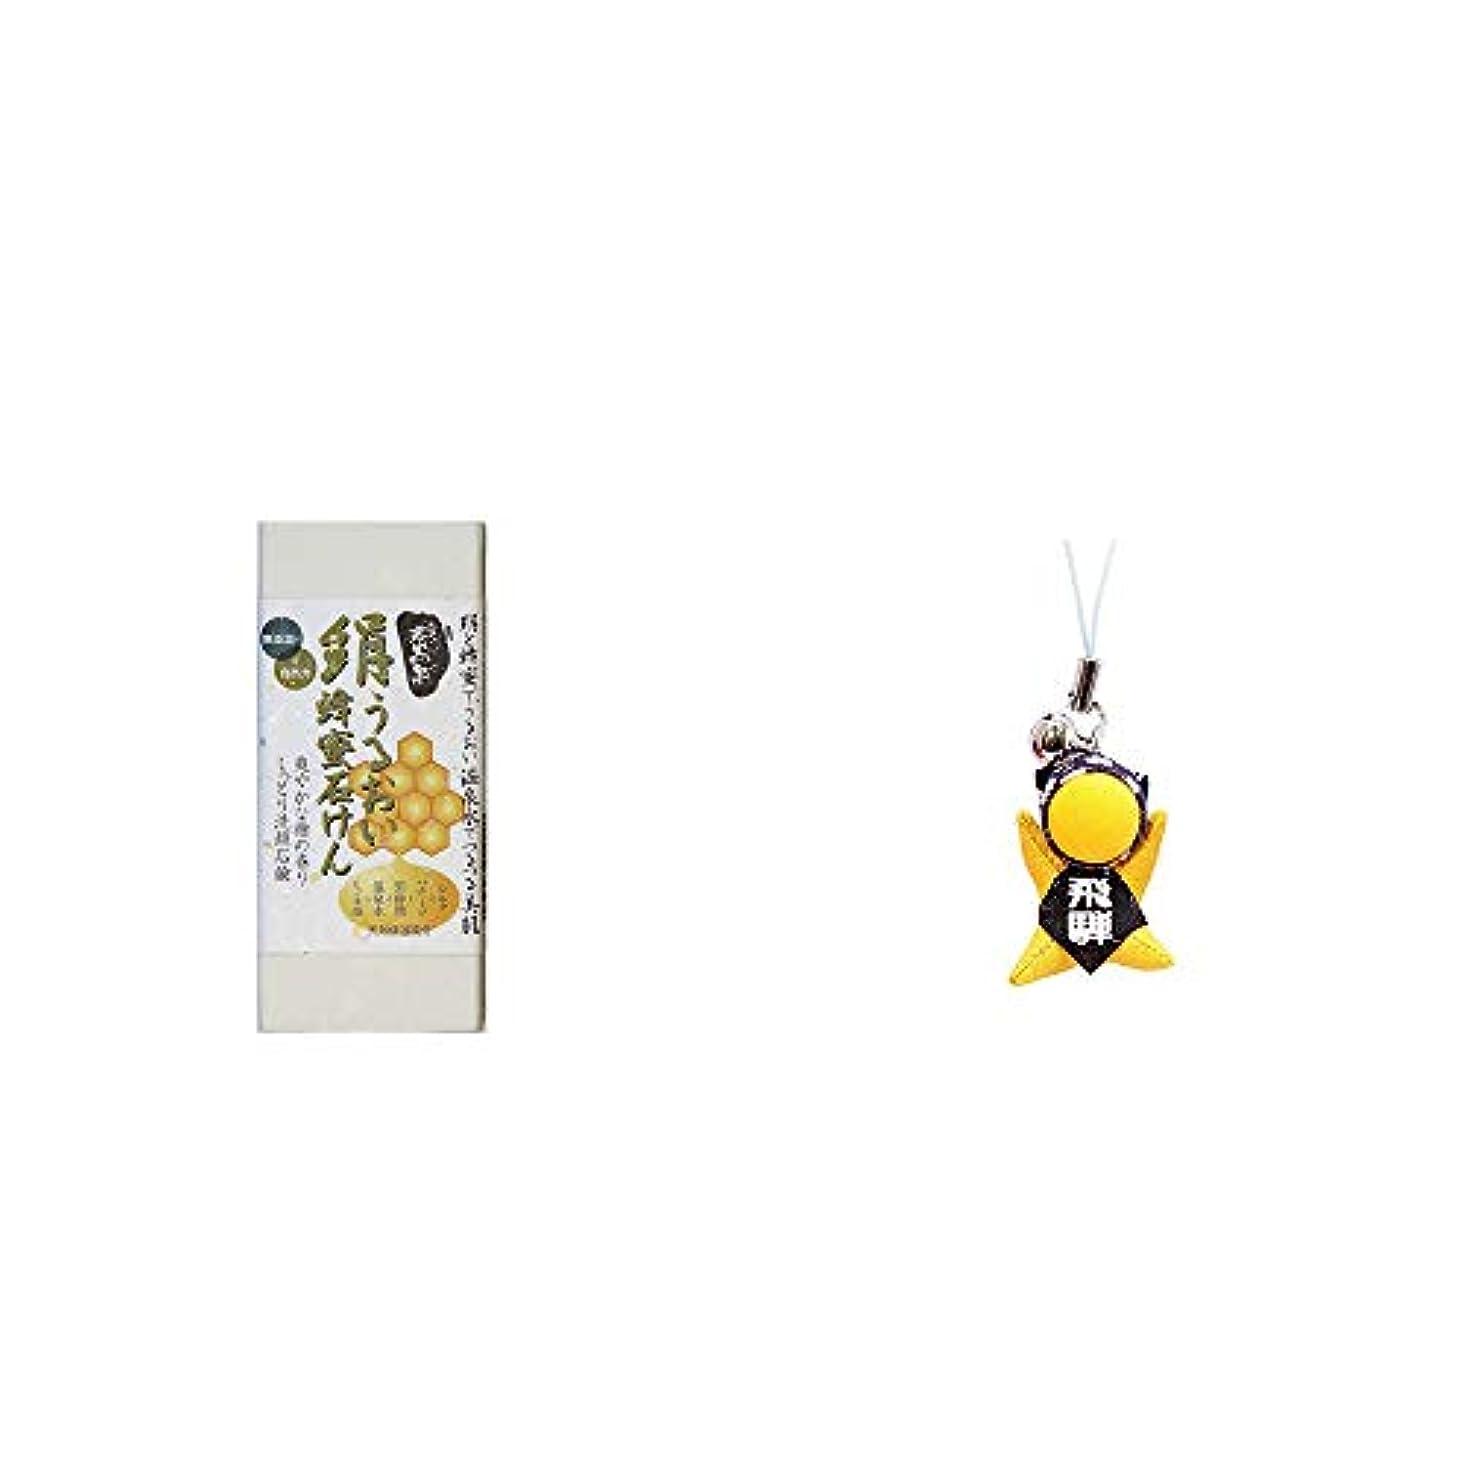 段階間接的ガード[2点セット] ひのき炭黒泉 絹うるおい蜂蜜石けん(75g×2)?さるぼぼ幸福ストラップ 【緑】 / 風水カラー全9種類 健康 お守り//